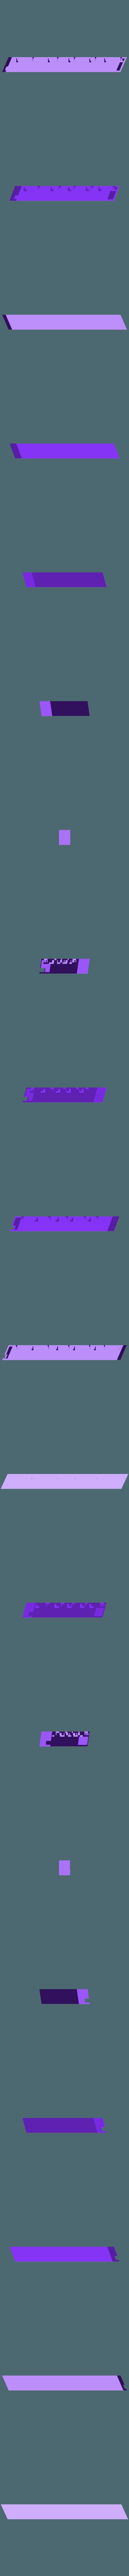 socle_arriere.stl Télécharger fichier STL gratuit Mini lampe de Playstation • Objet pour imprimante 3D, ygallois